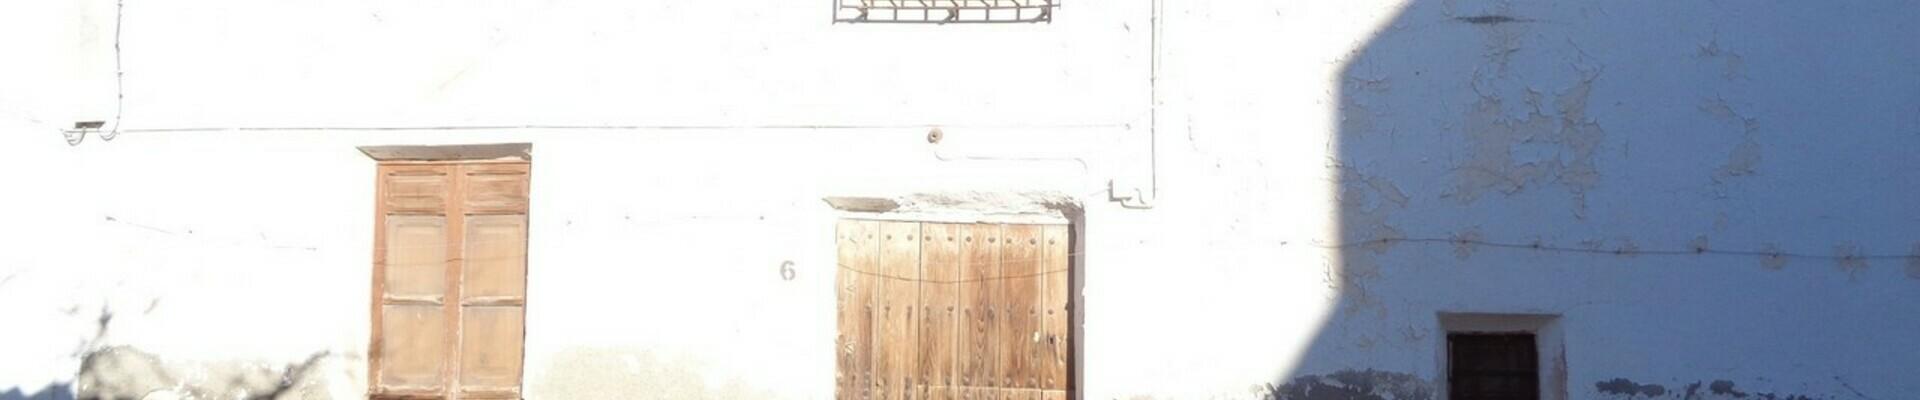 AF692: 4 Bedroom Cortijo for Sale